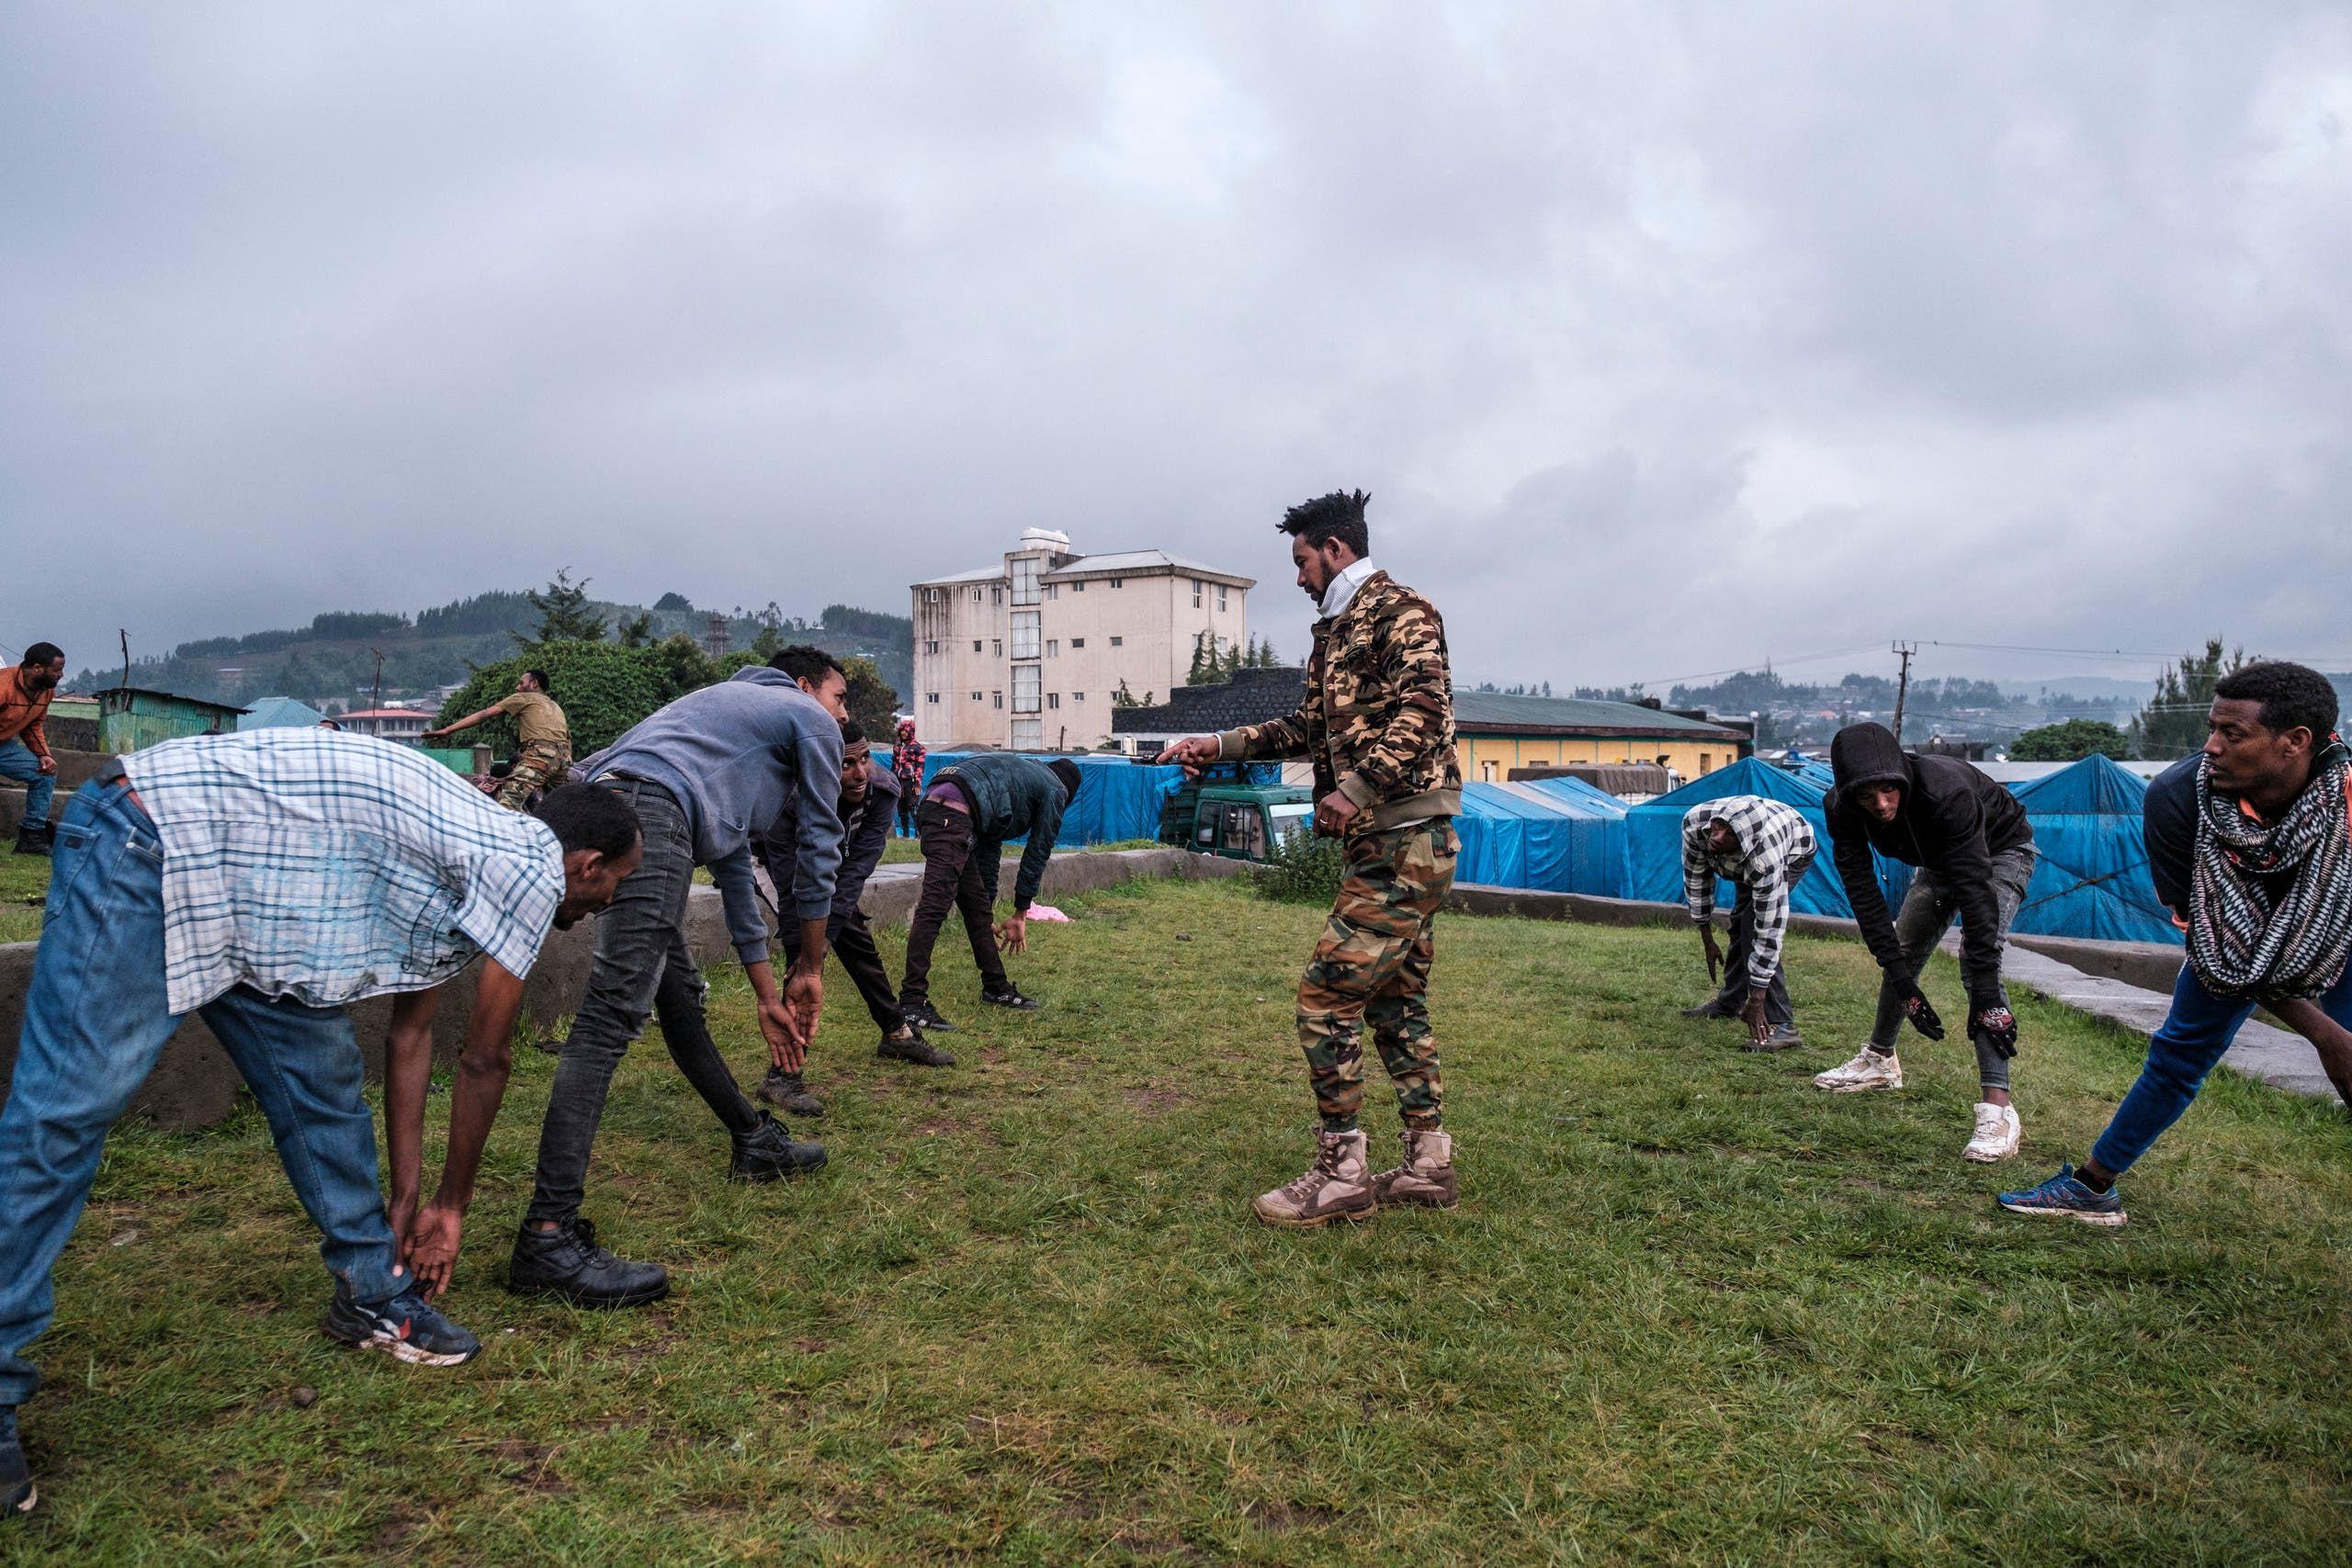 معسكر تدريب لمنضمين جدد إلى ميليشيا أمهرة